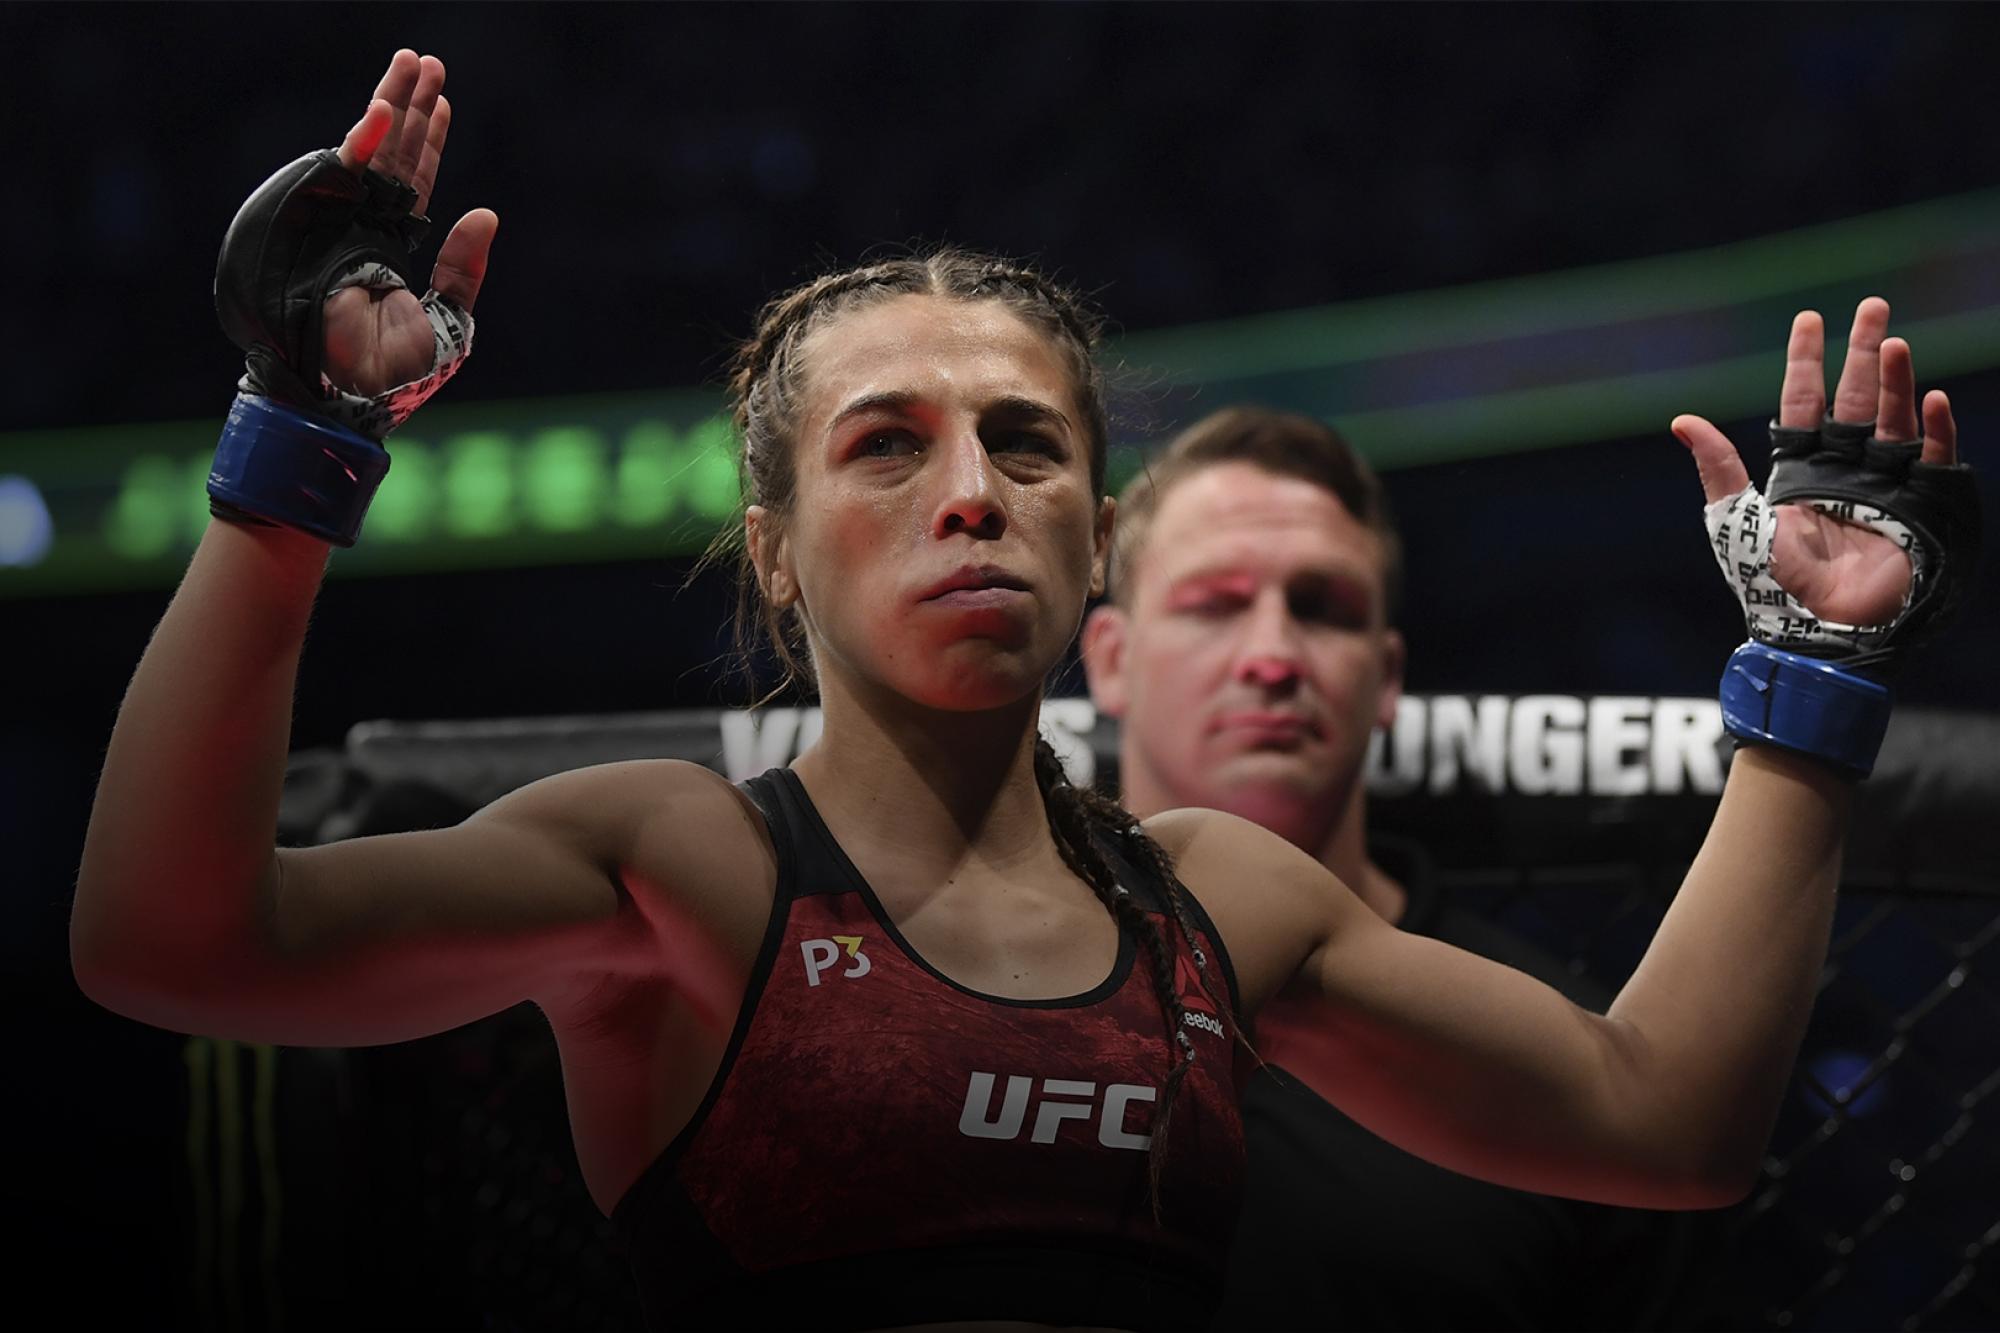 Joanna Jedrzejczyk Planning Her New Reign | UFC